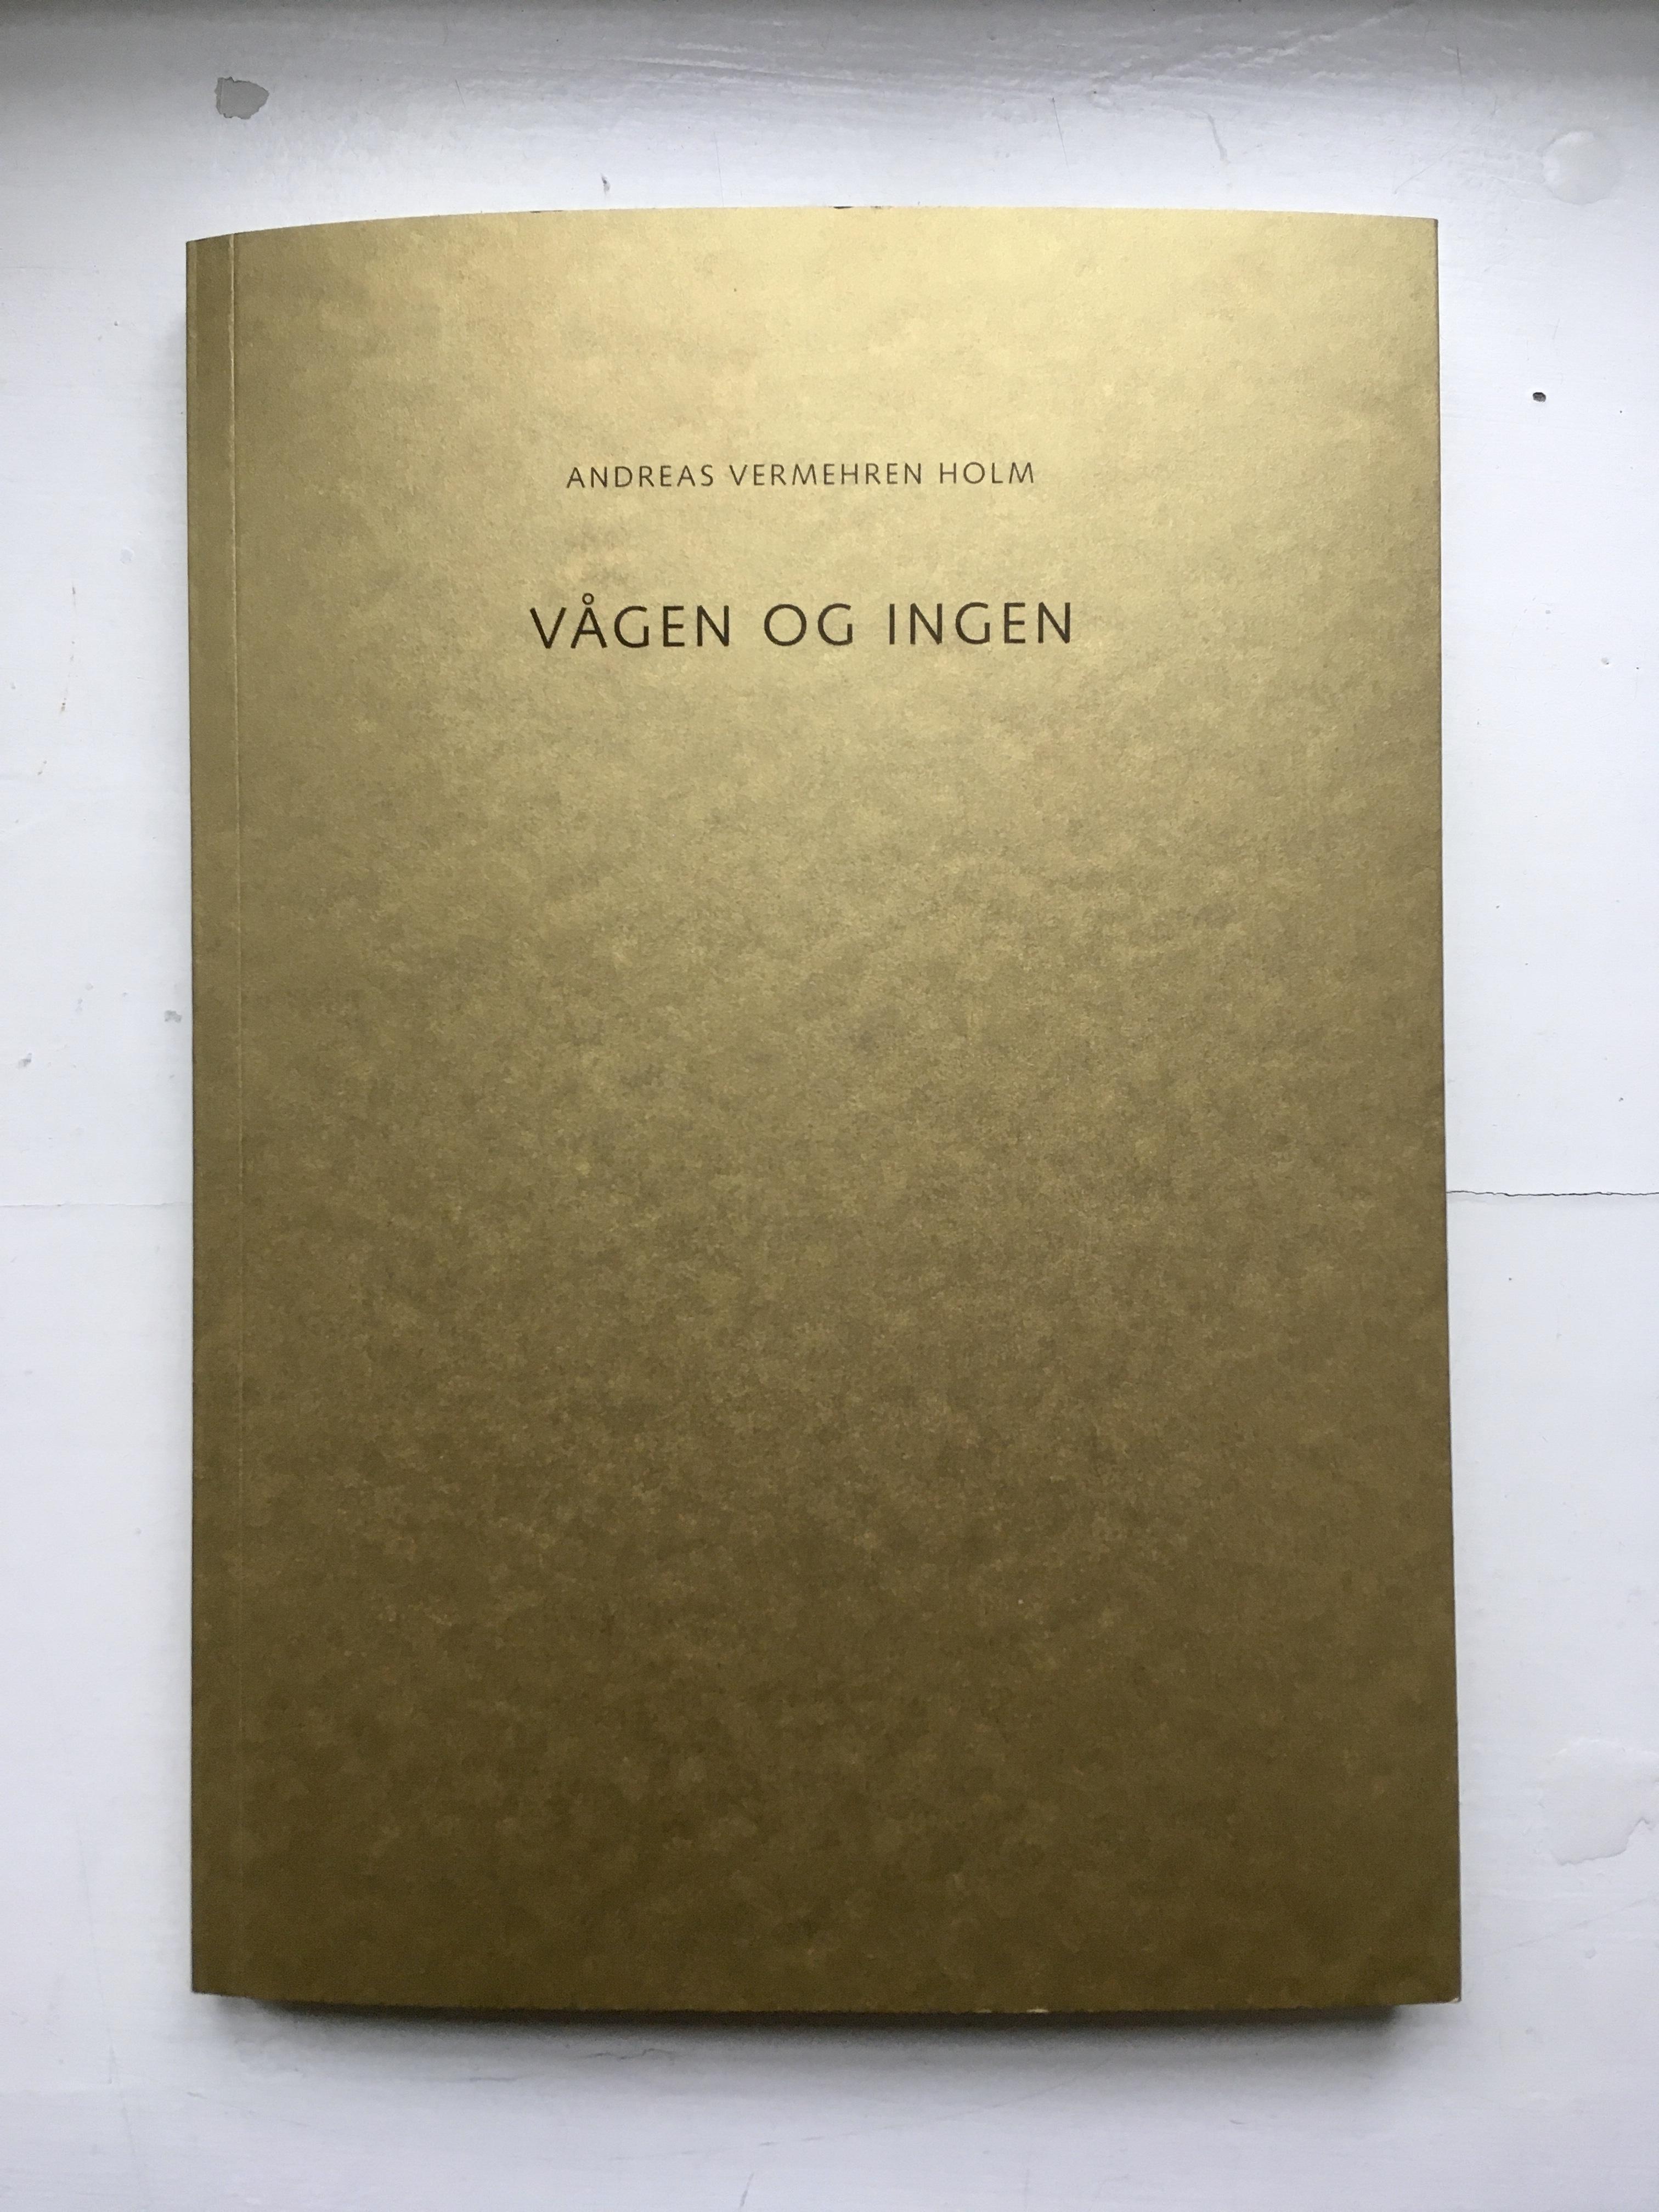 Andreas Vermehren Holm: Vågen og ingen